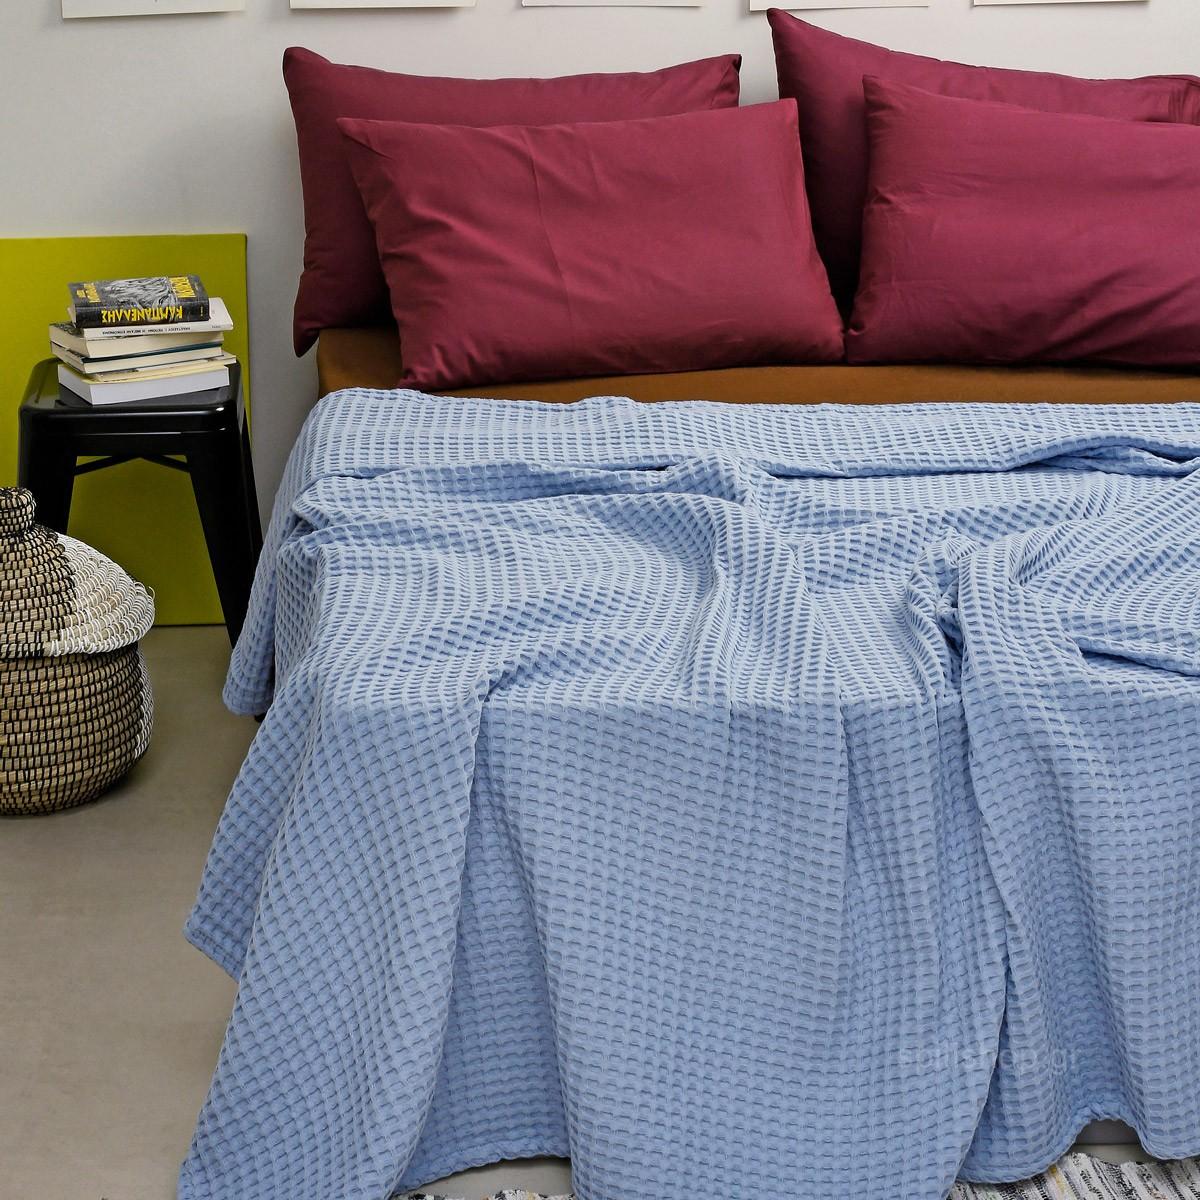 Κουβέρτα Πικέ Υπέρδιπλη Melinen Bristol Jean home   κρεβατοκάμαρα   κουβέρτες   κουβέρτες πικέ υπέρδιπλες